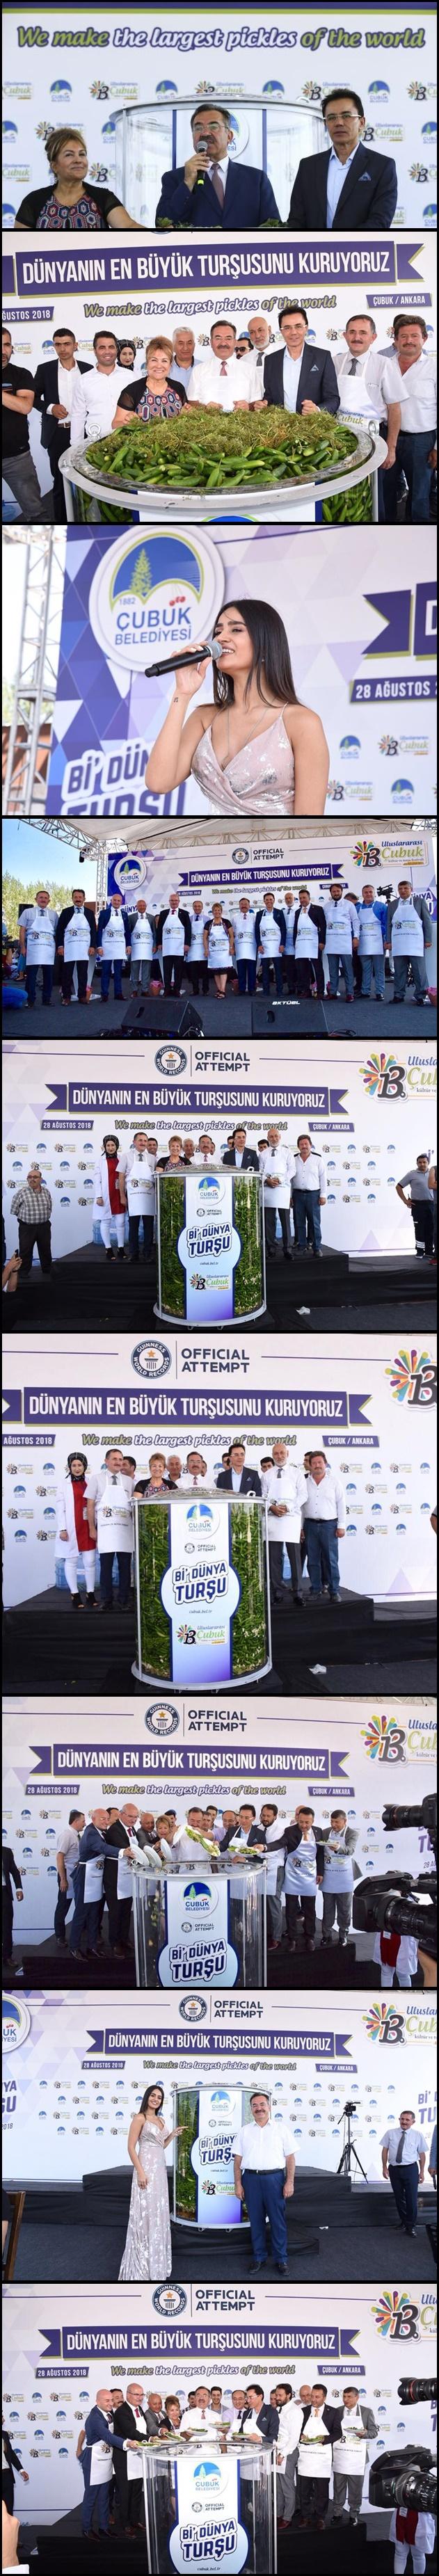 dunyanin_en_buyuk_tursu_kurma_rekor_denemesi_h236820-vert.jpg